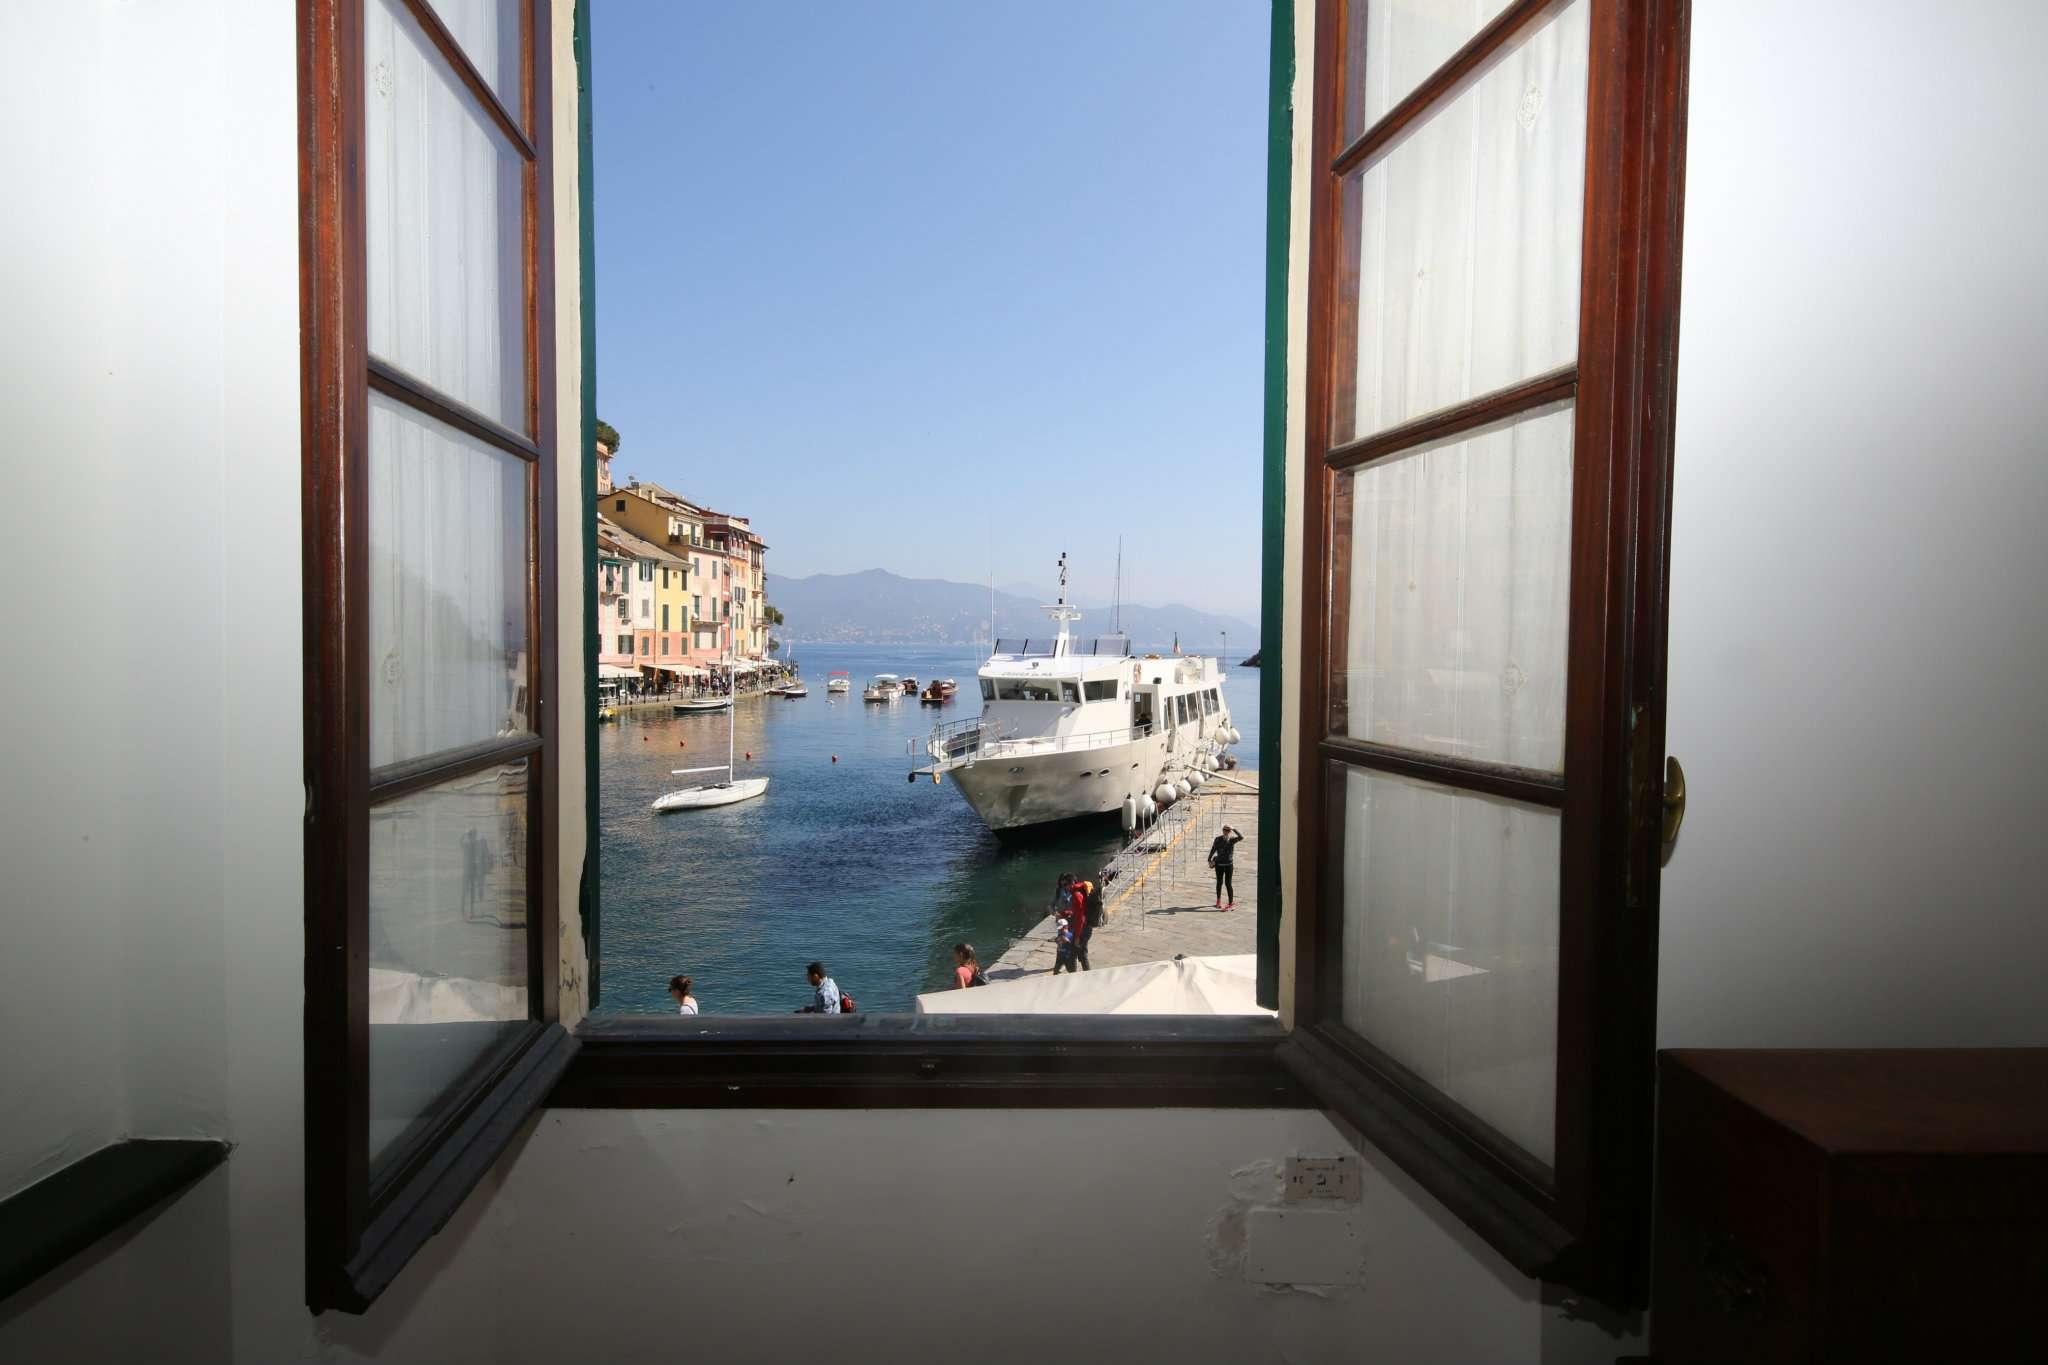 Appartamento in vendita a Portofino, 2 locali, prezzo € 1.000.000 | CambioCasa.it